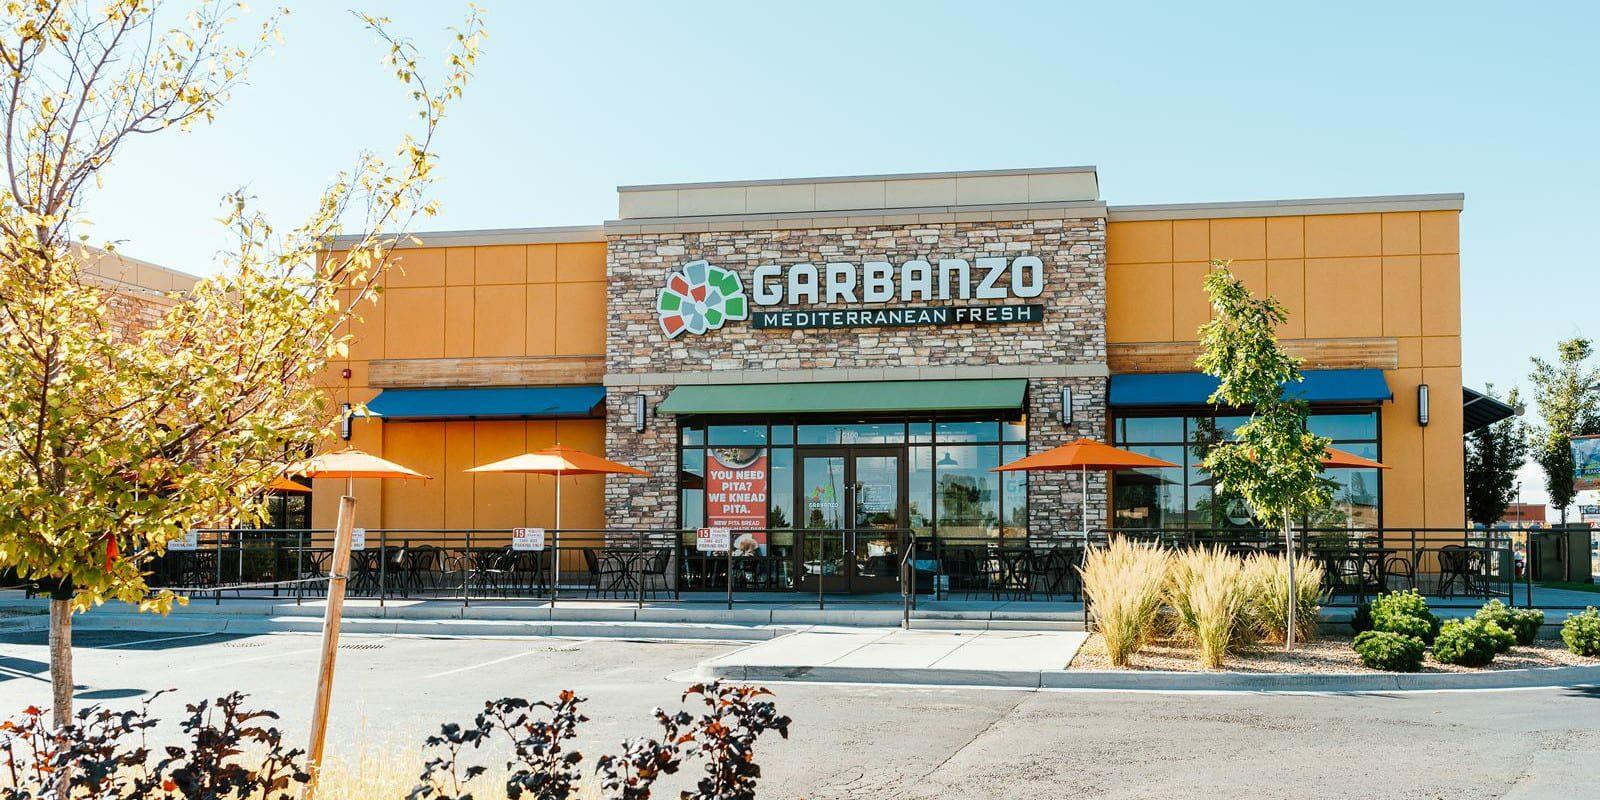 Garbanzo Mediterranean Fresh Restaurant